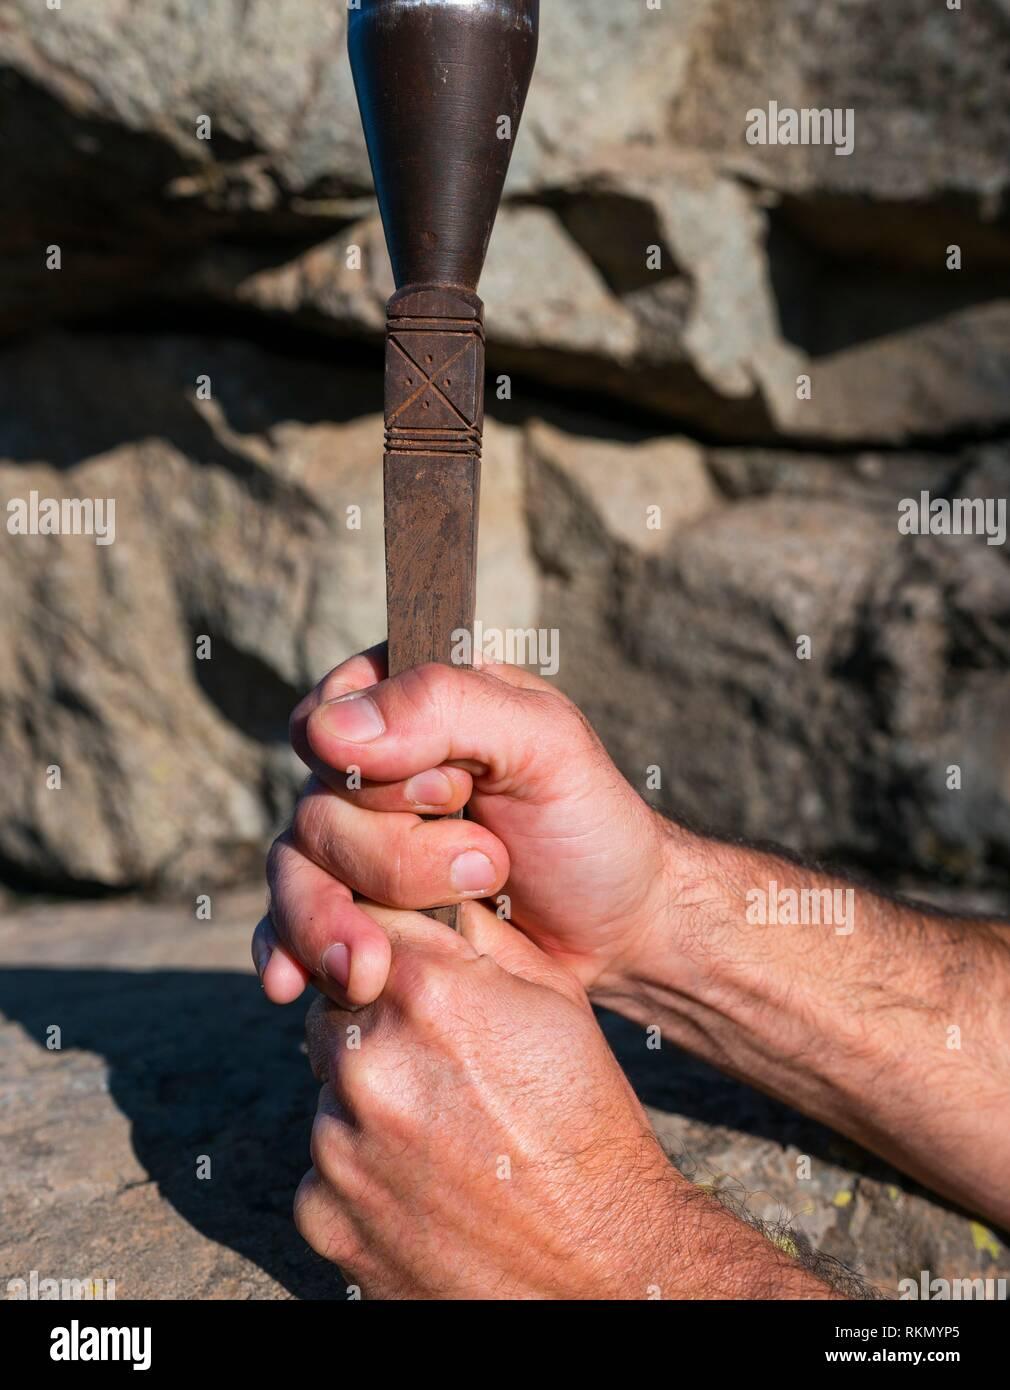 Il pastore delle Canarie's Leap, Salto del pastore canario, Tirajana orrido, Gran Canaria Island, Isole Canarie, Spagna, Europa. Immagini Stock